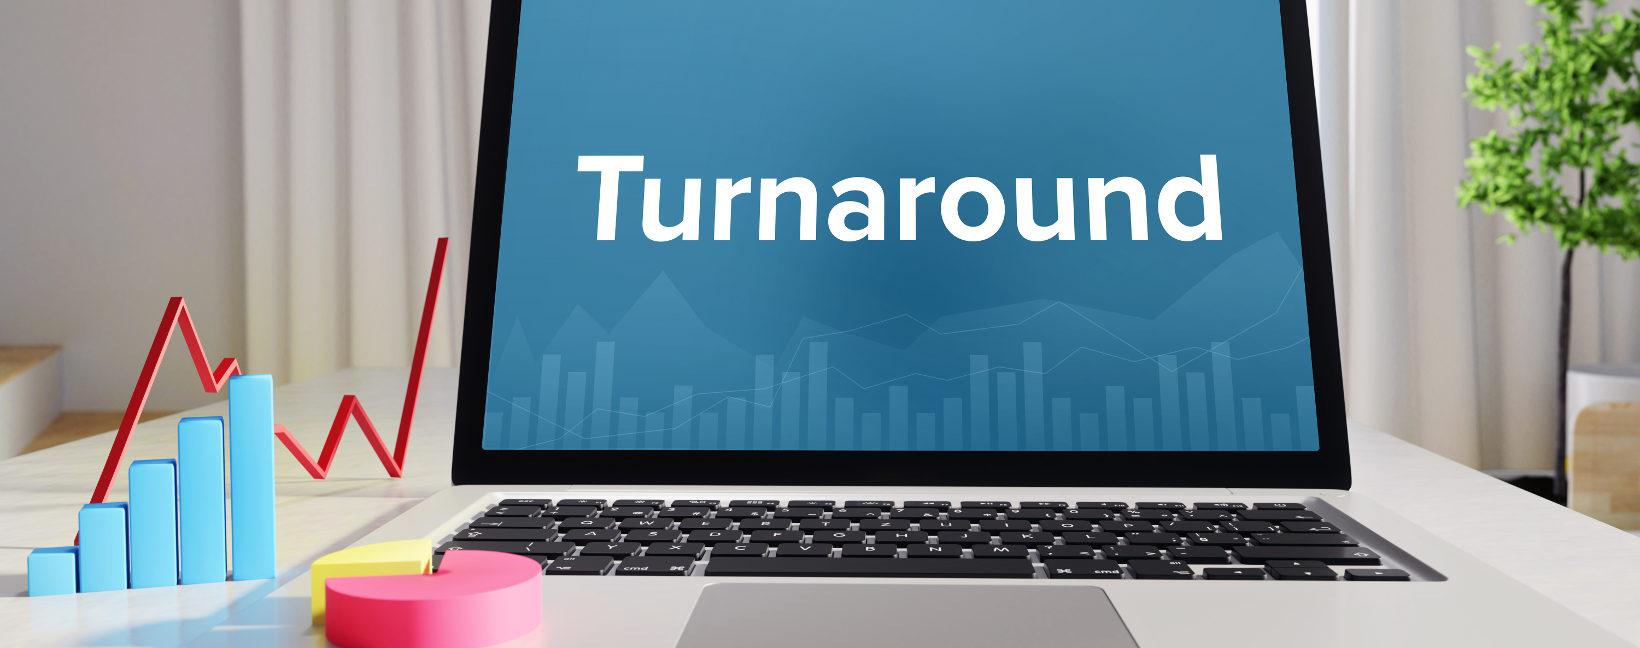 Performancesteigerung und Turnaround